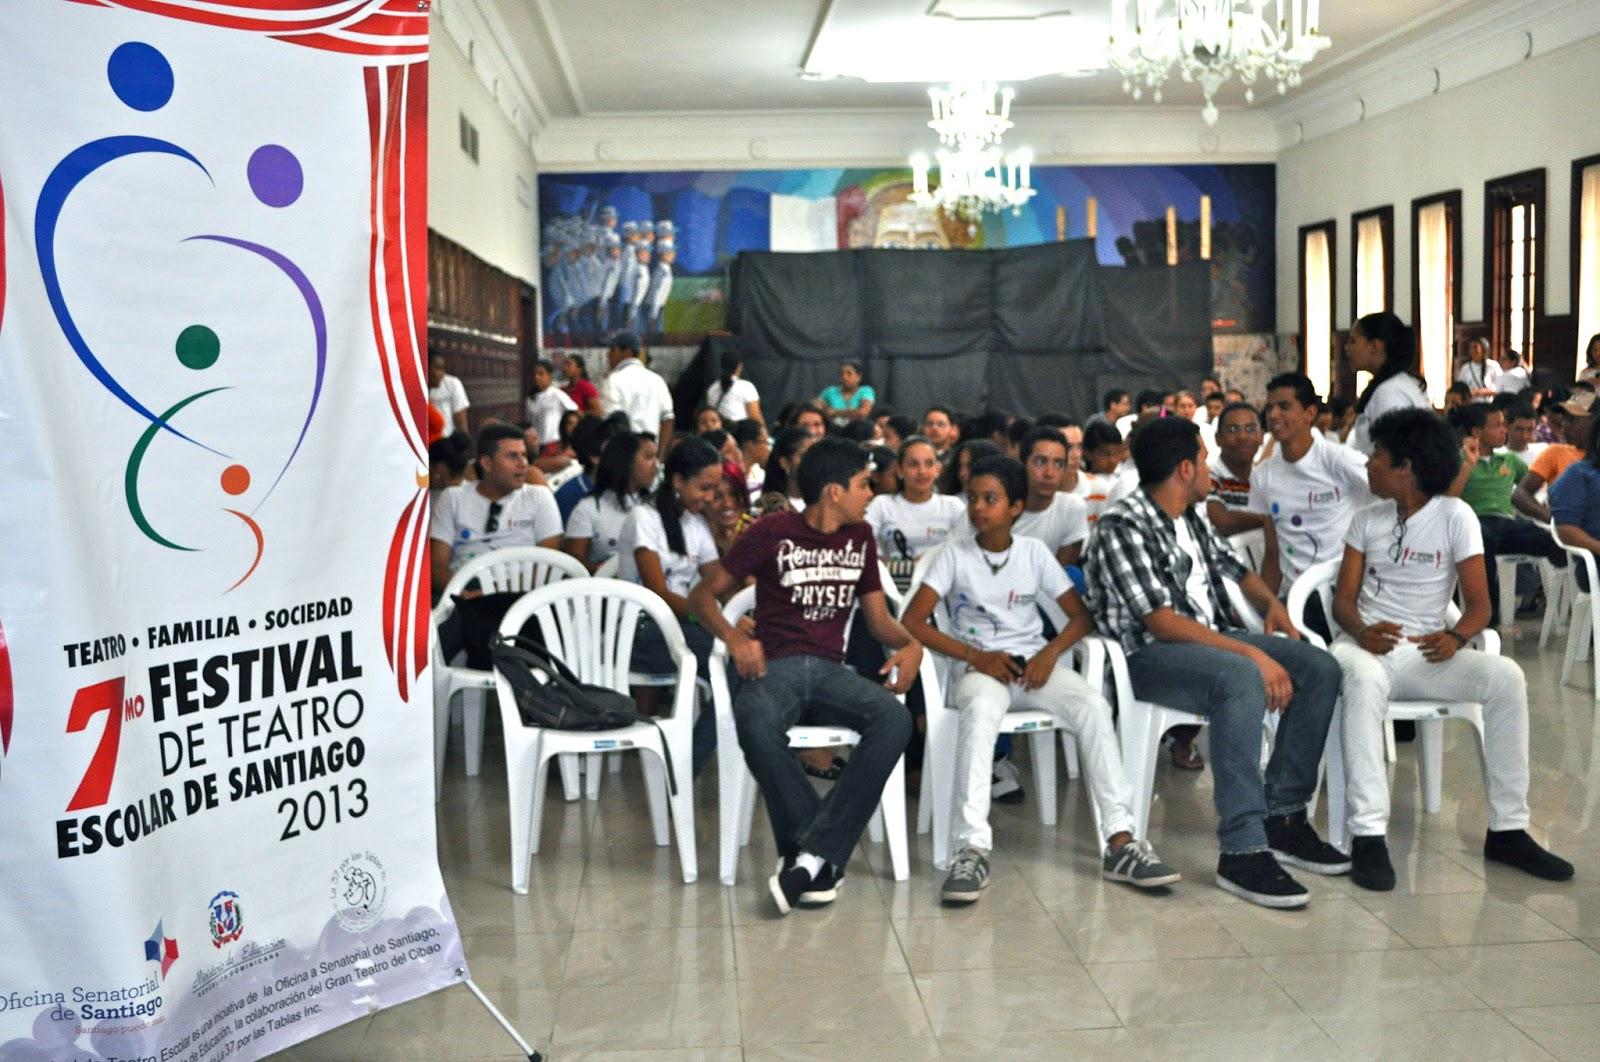 Festival de teatro escolar santiago centros educativos for Cafetin colegio las colinas